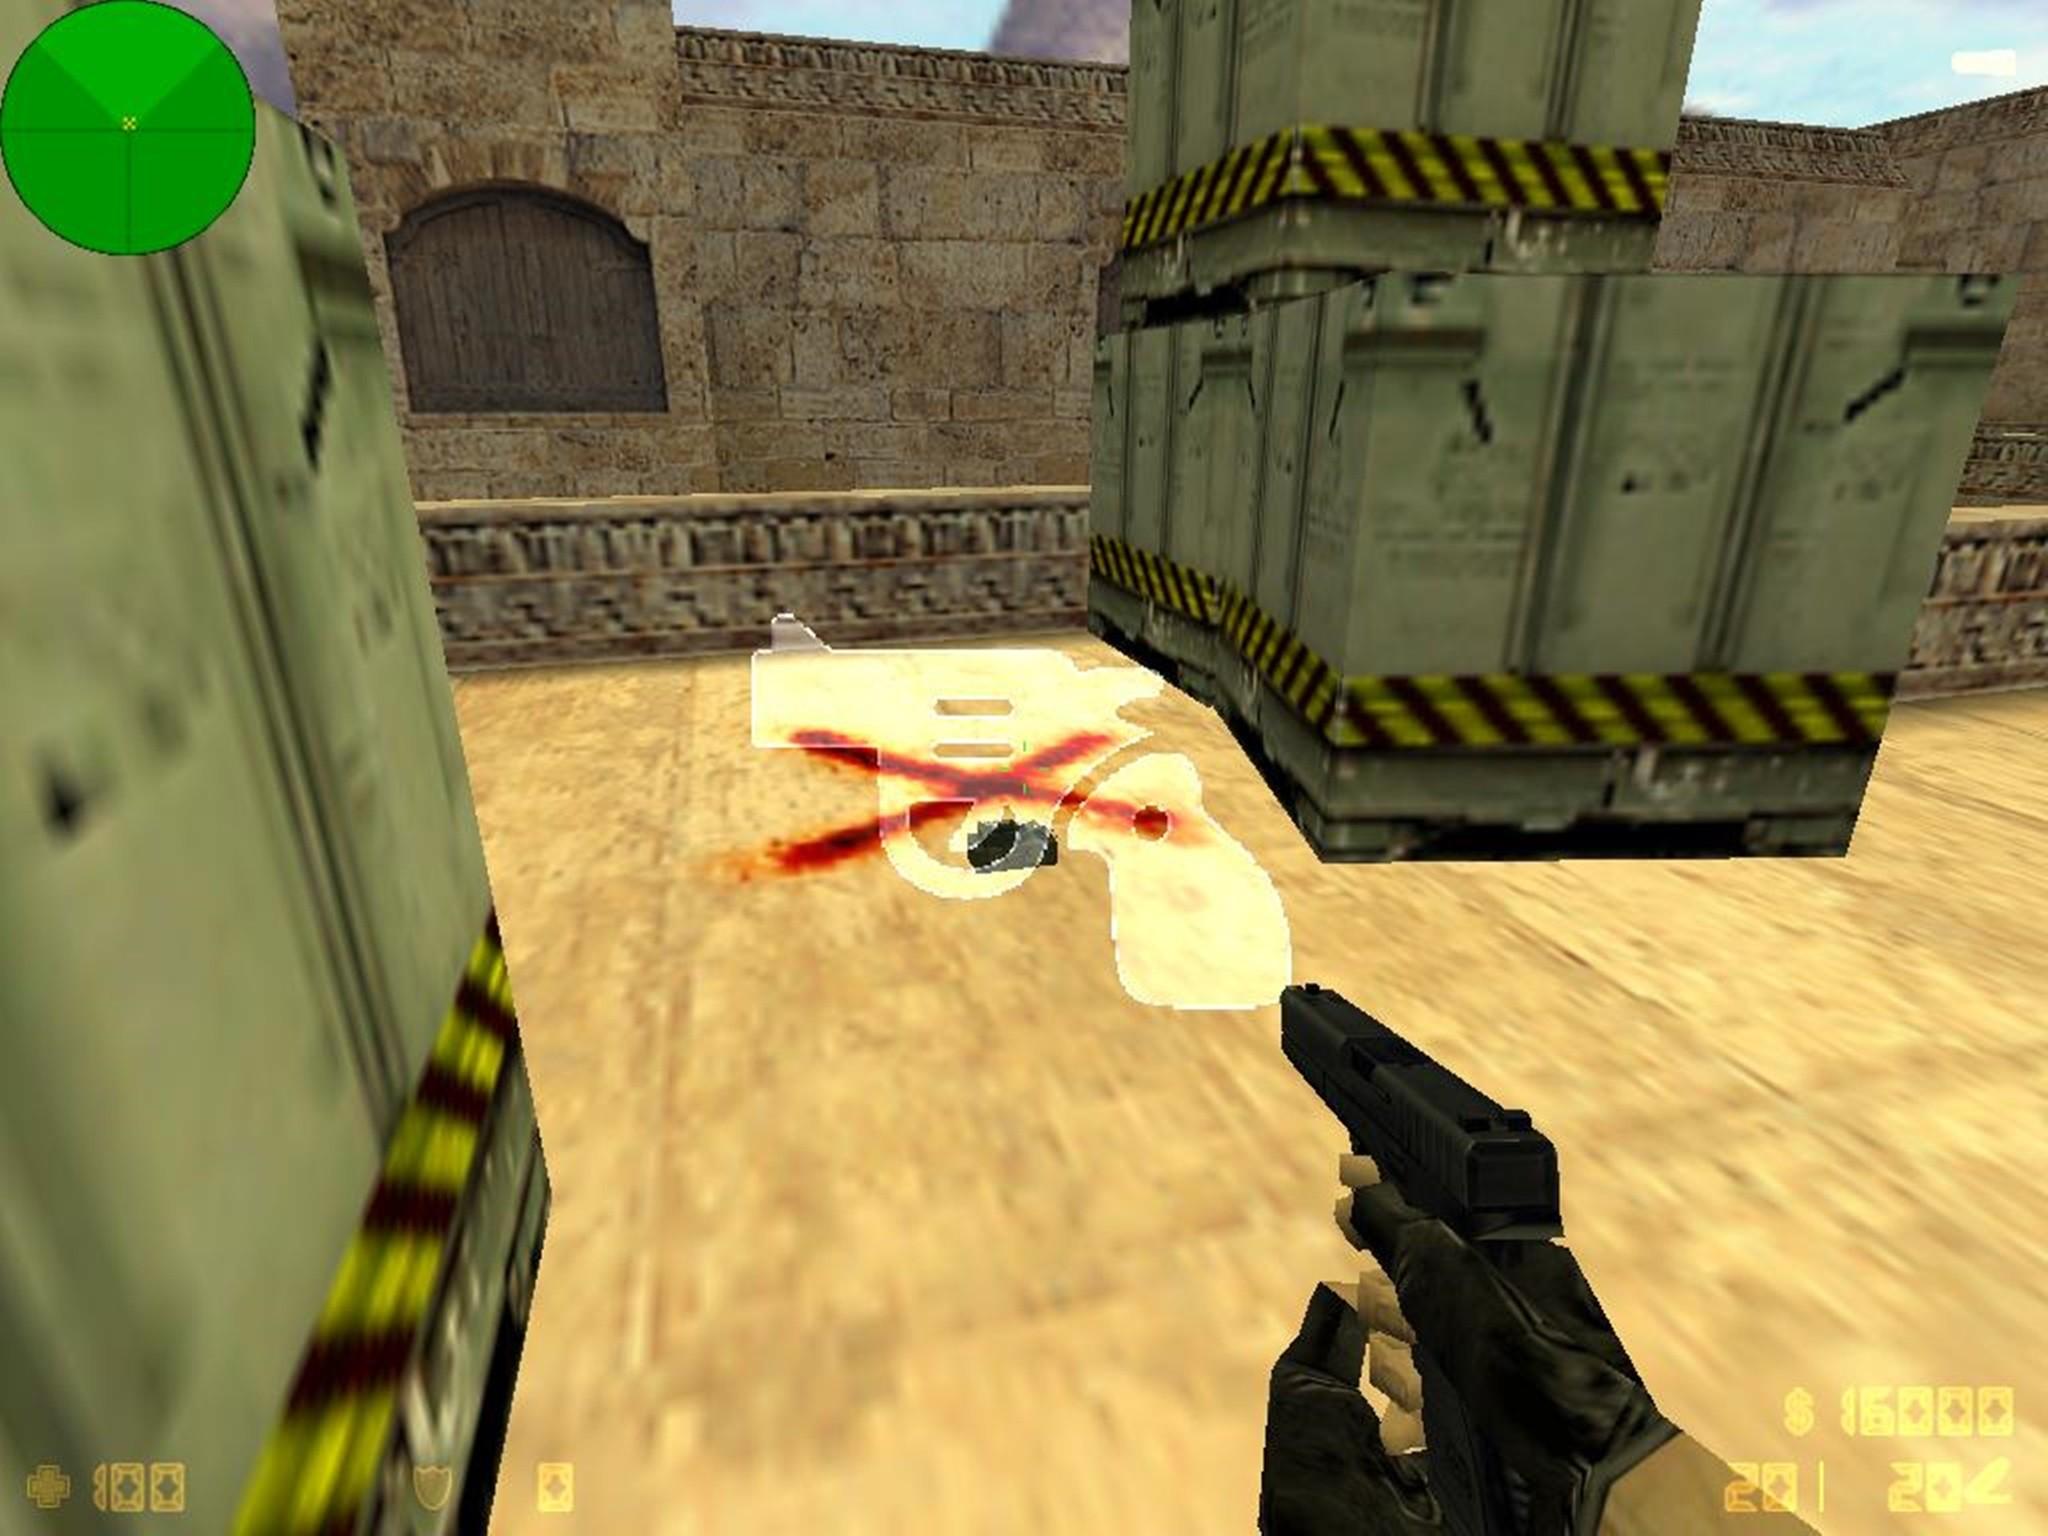 دانلود ال ای دی بمپ Gun - Ledglow برای کانتر استریک 1.6